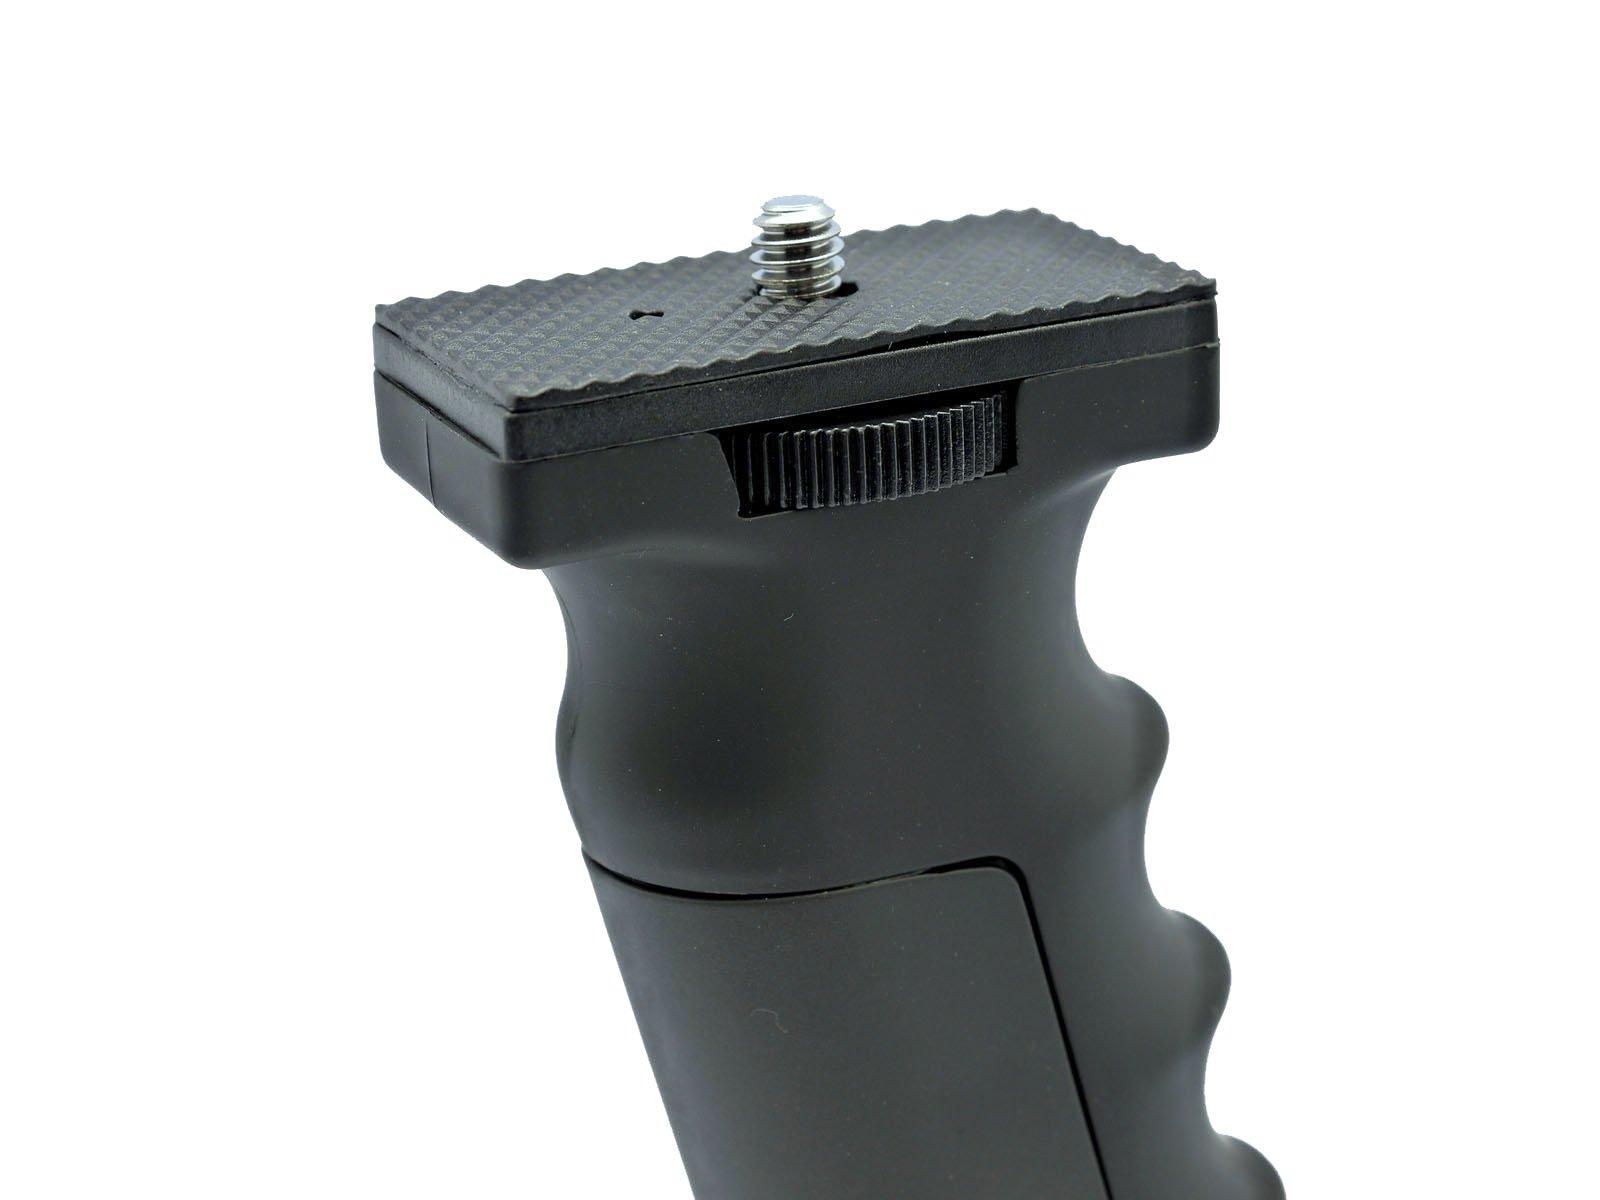 Gadget Place 72mm Reverse Adapter Retroadapter for Canon EOS 5D Mark IV 6D Mark II 9000D 8000D 800D 750D 200D 77D Rebel SL2 T6i T7i Kiss X9 X9i X8i